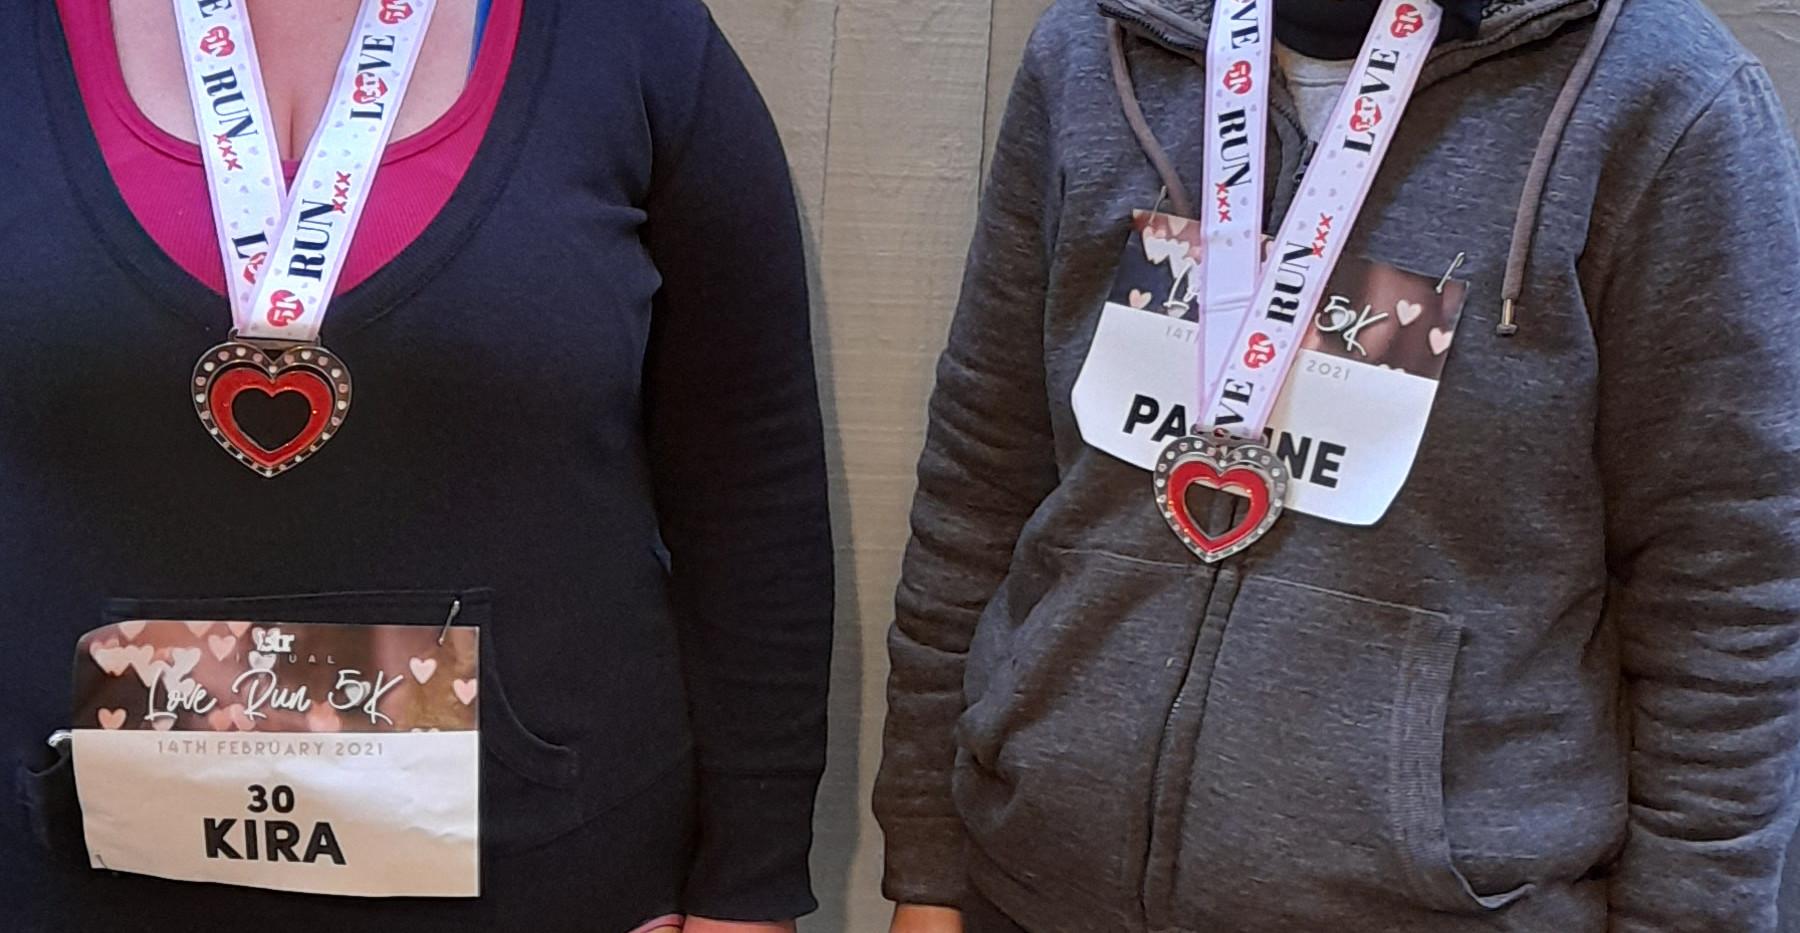 Pauline & Kira